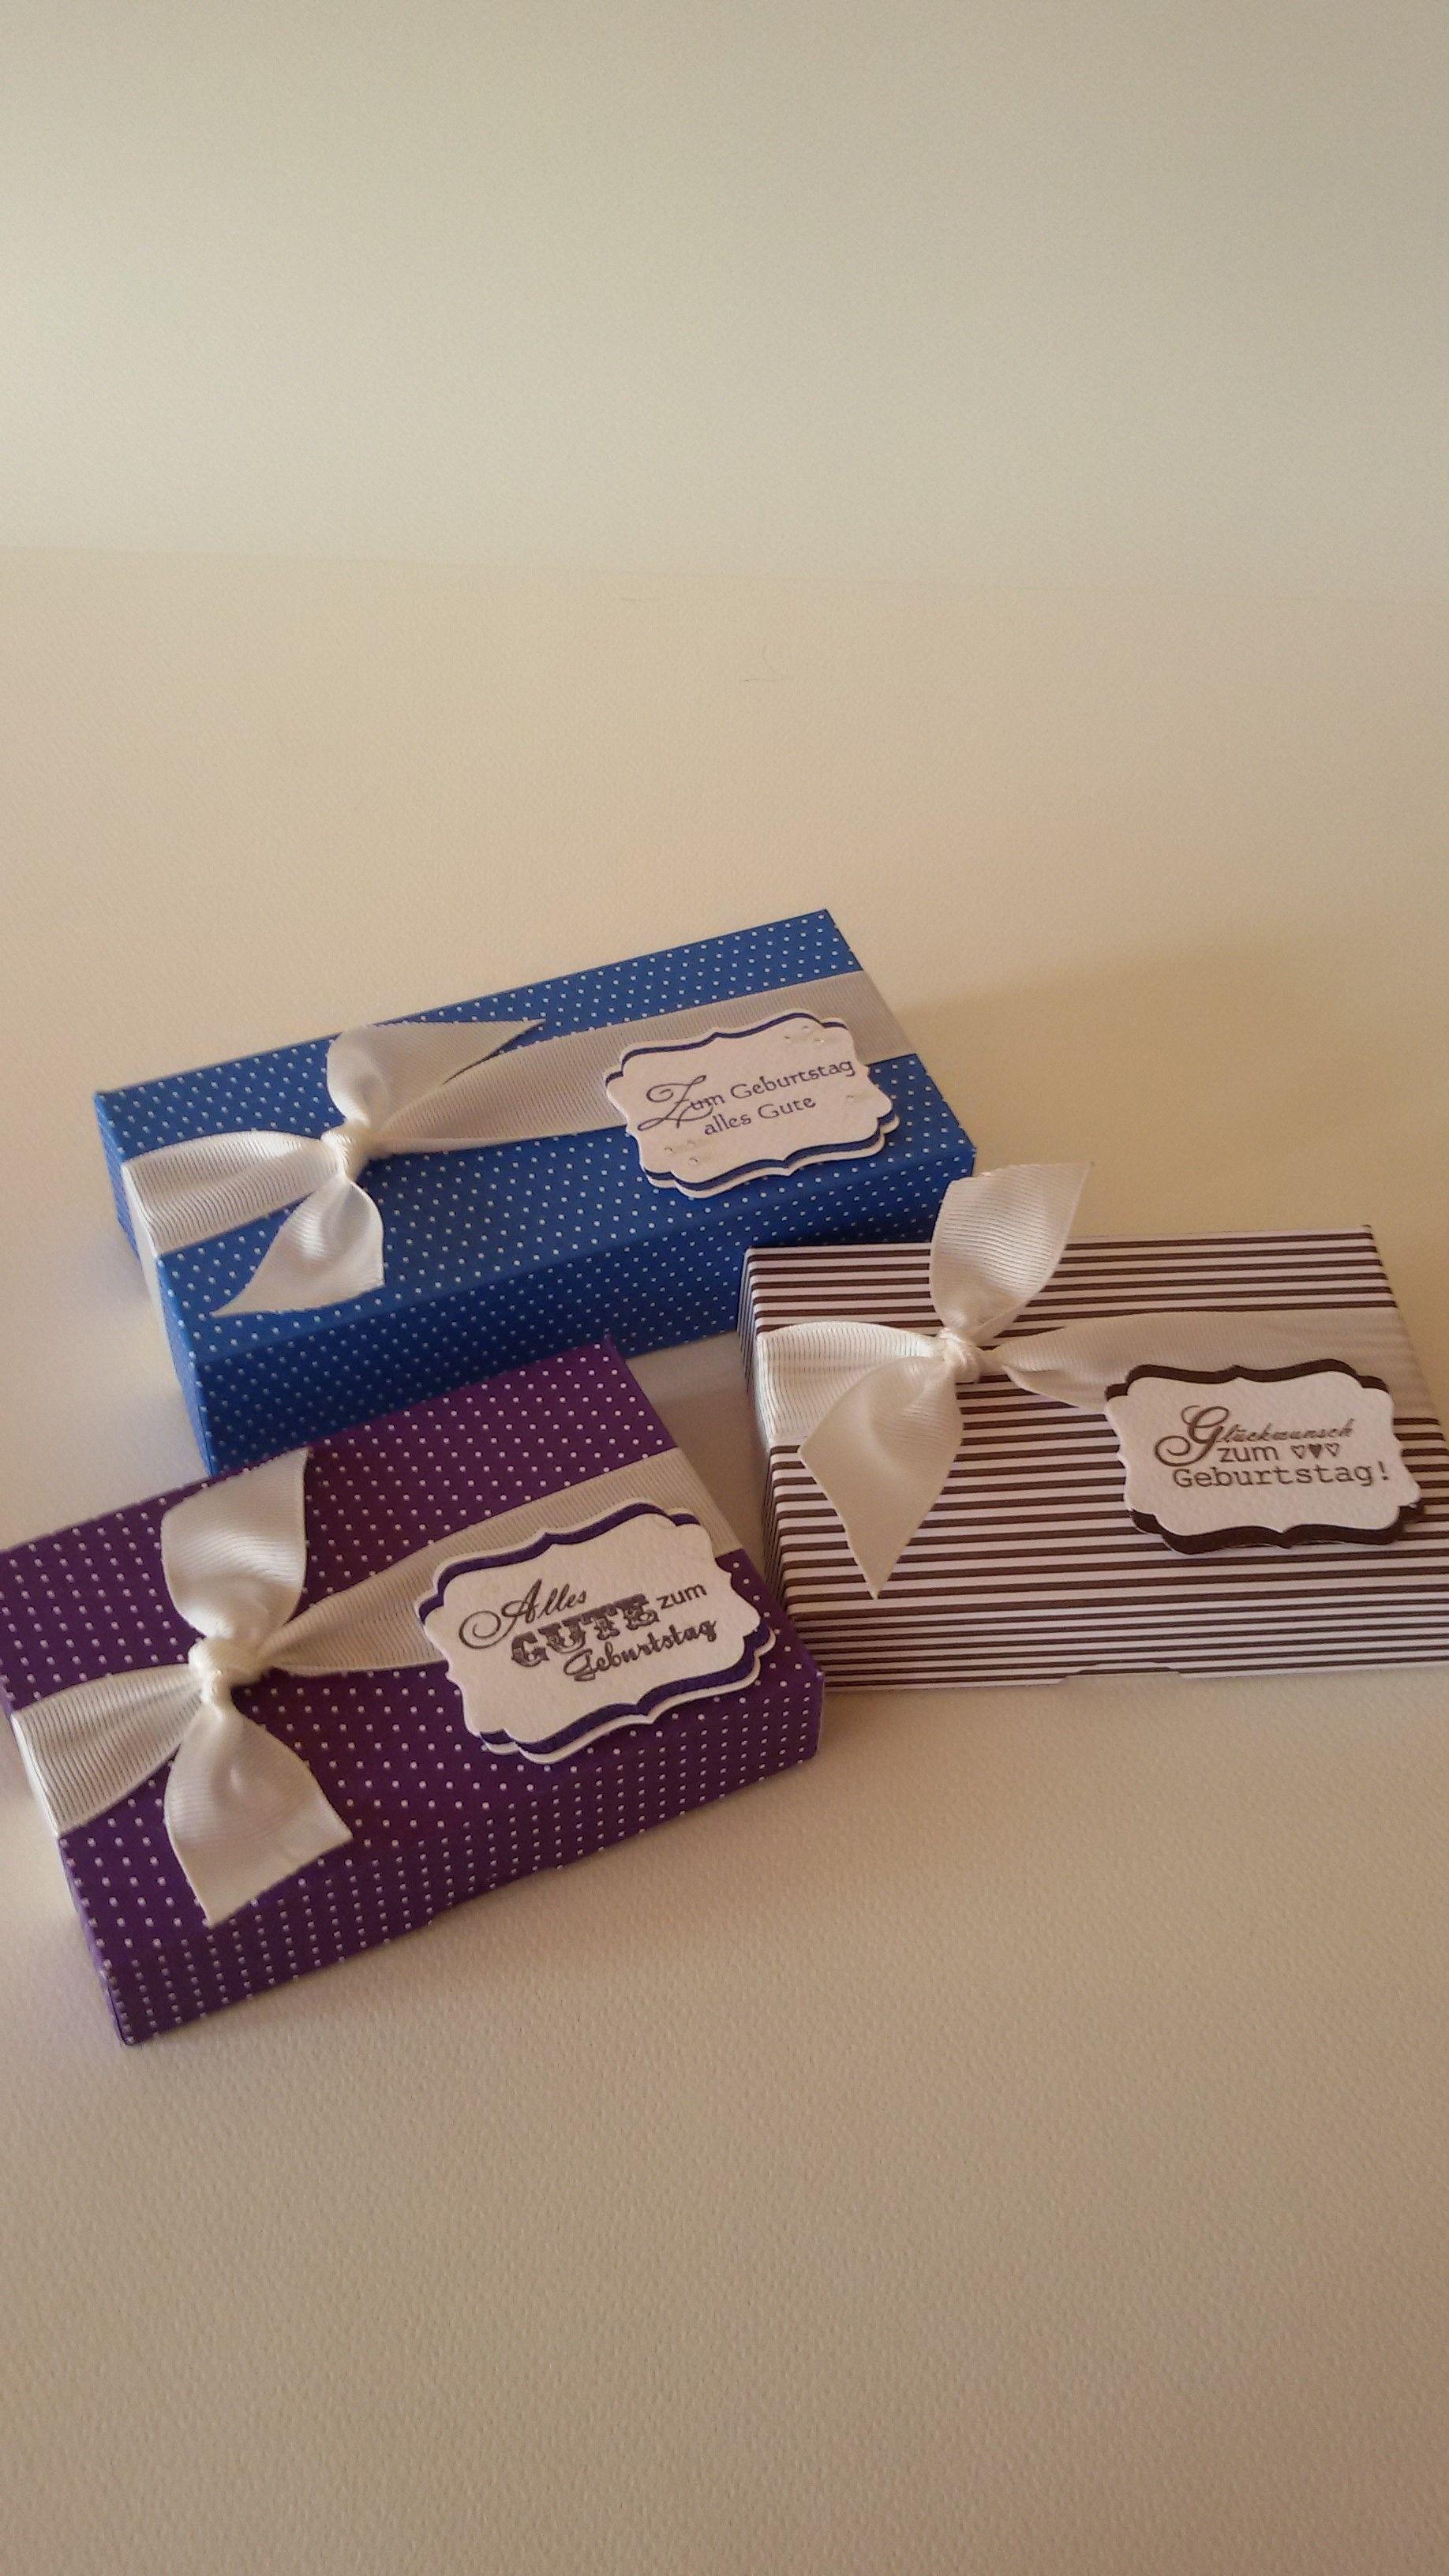 Kleine Geburtstagsgaufmerksamkeiten (verpackt darin sind Gummibärchen)